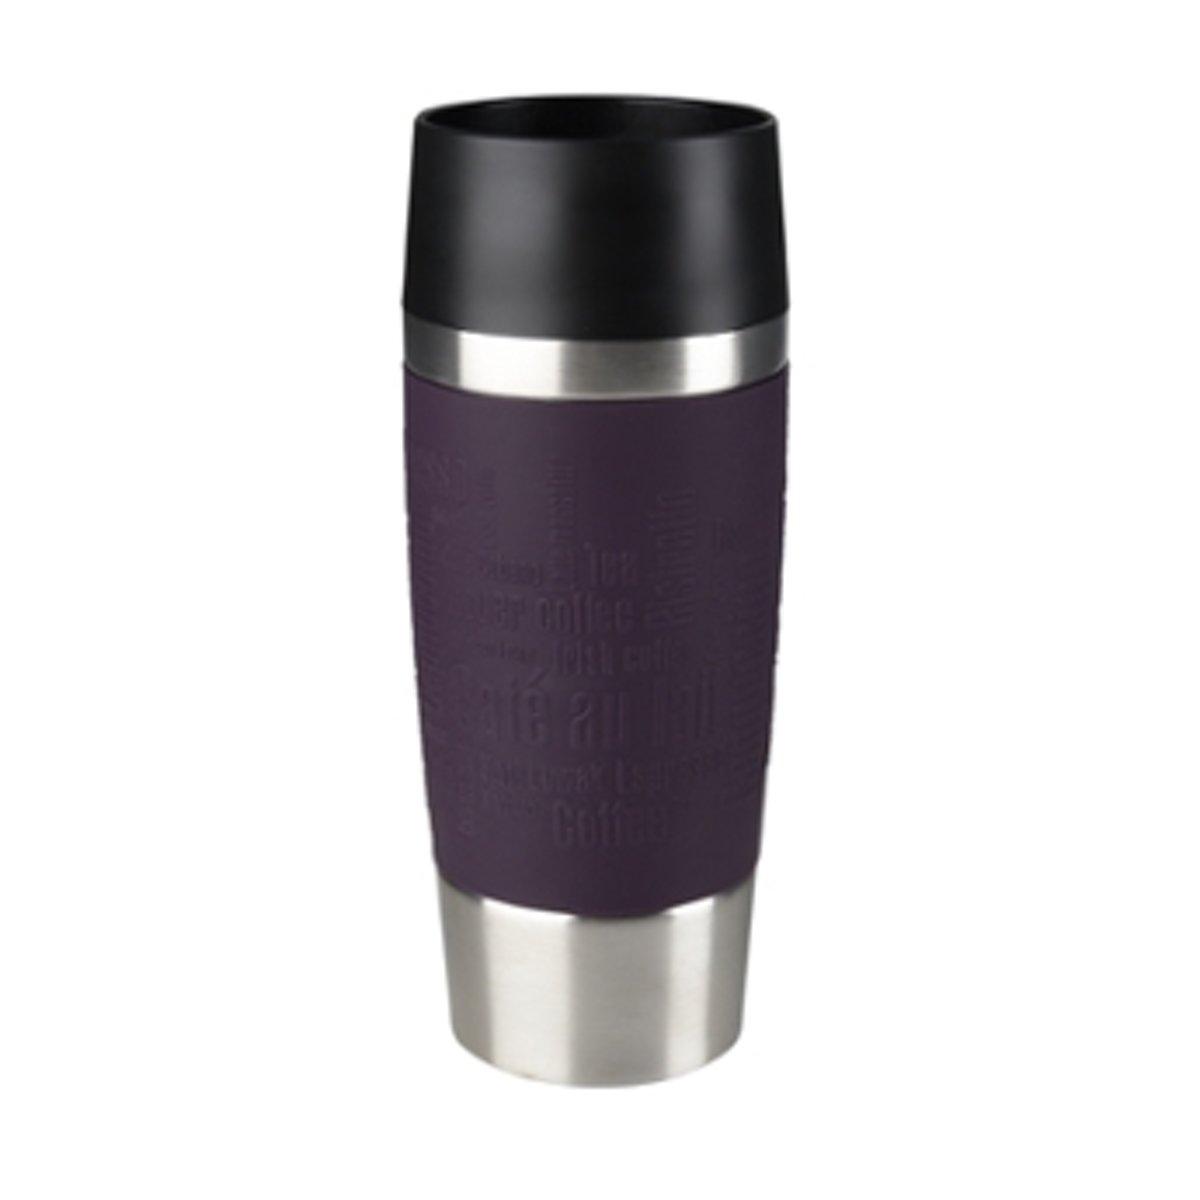 TEFAL Travel Mug K30851 Blackberry 0,36l kopen